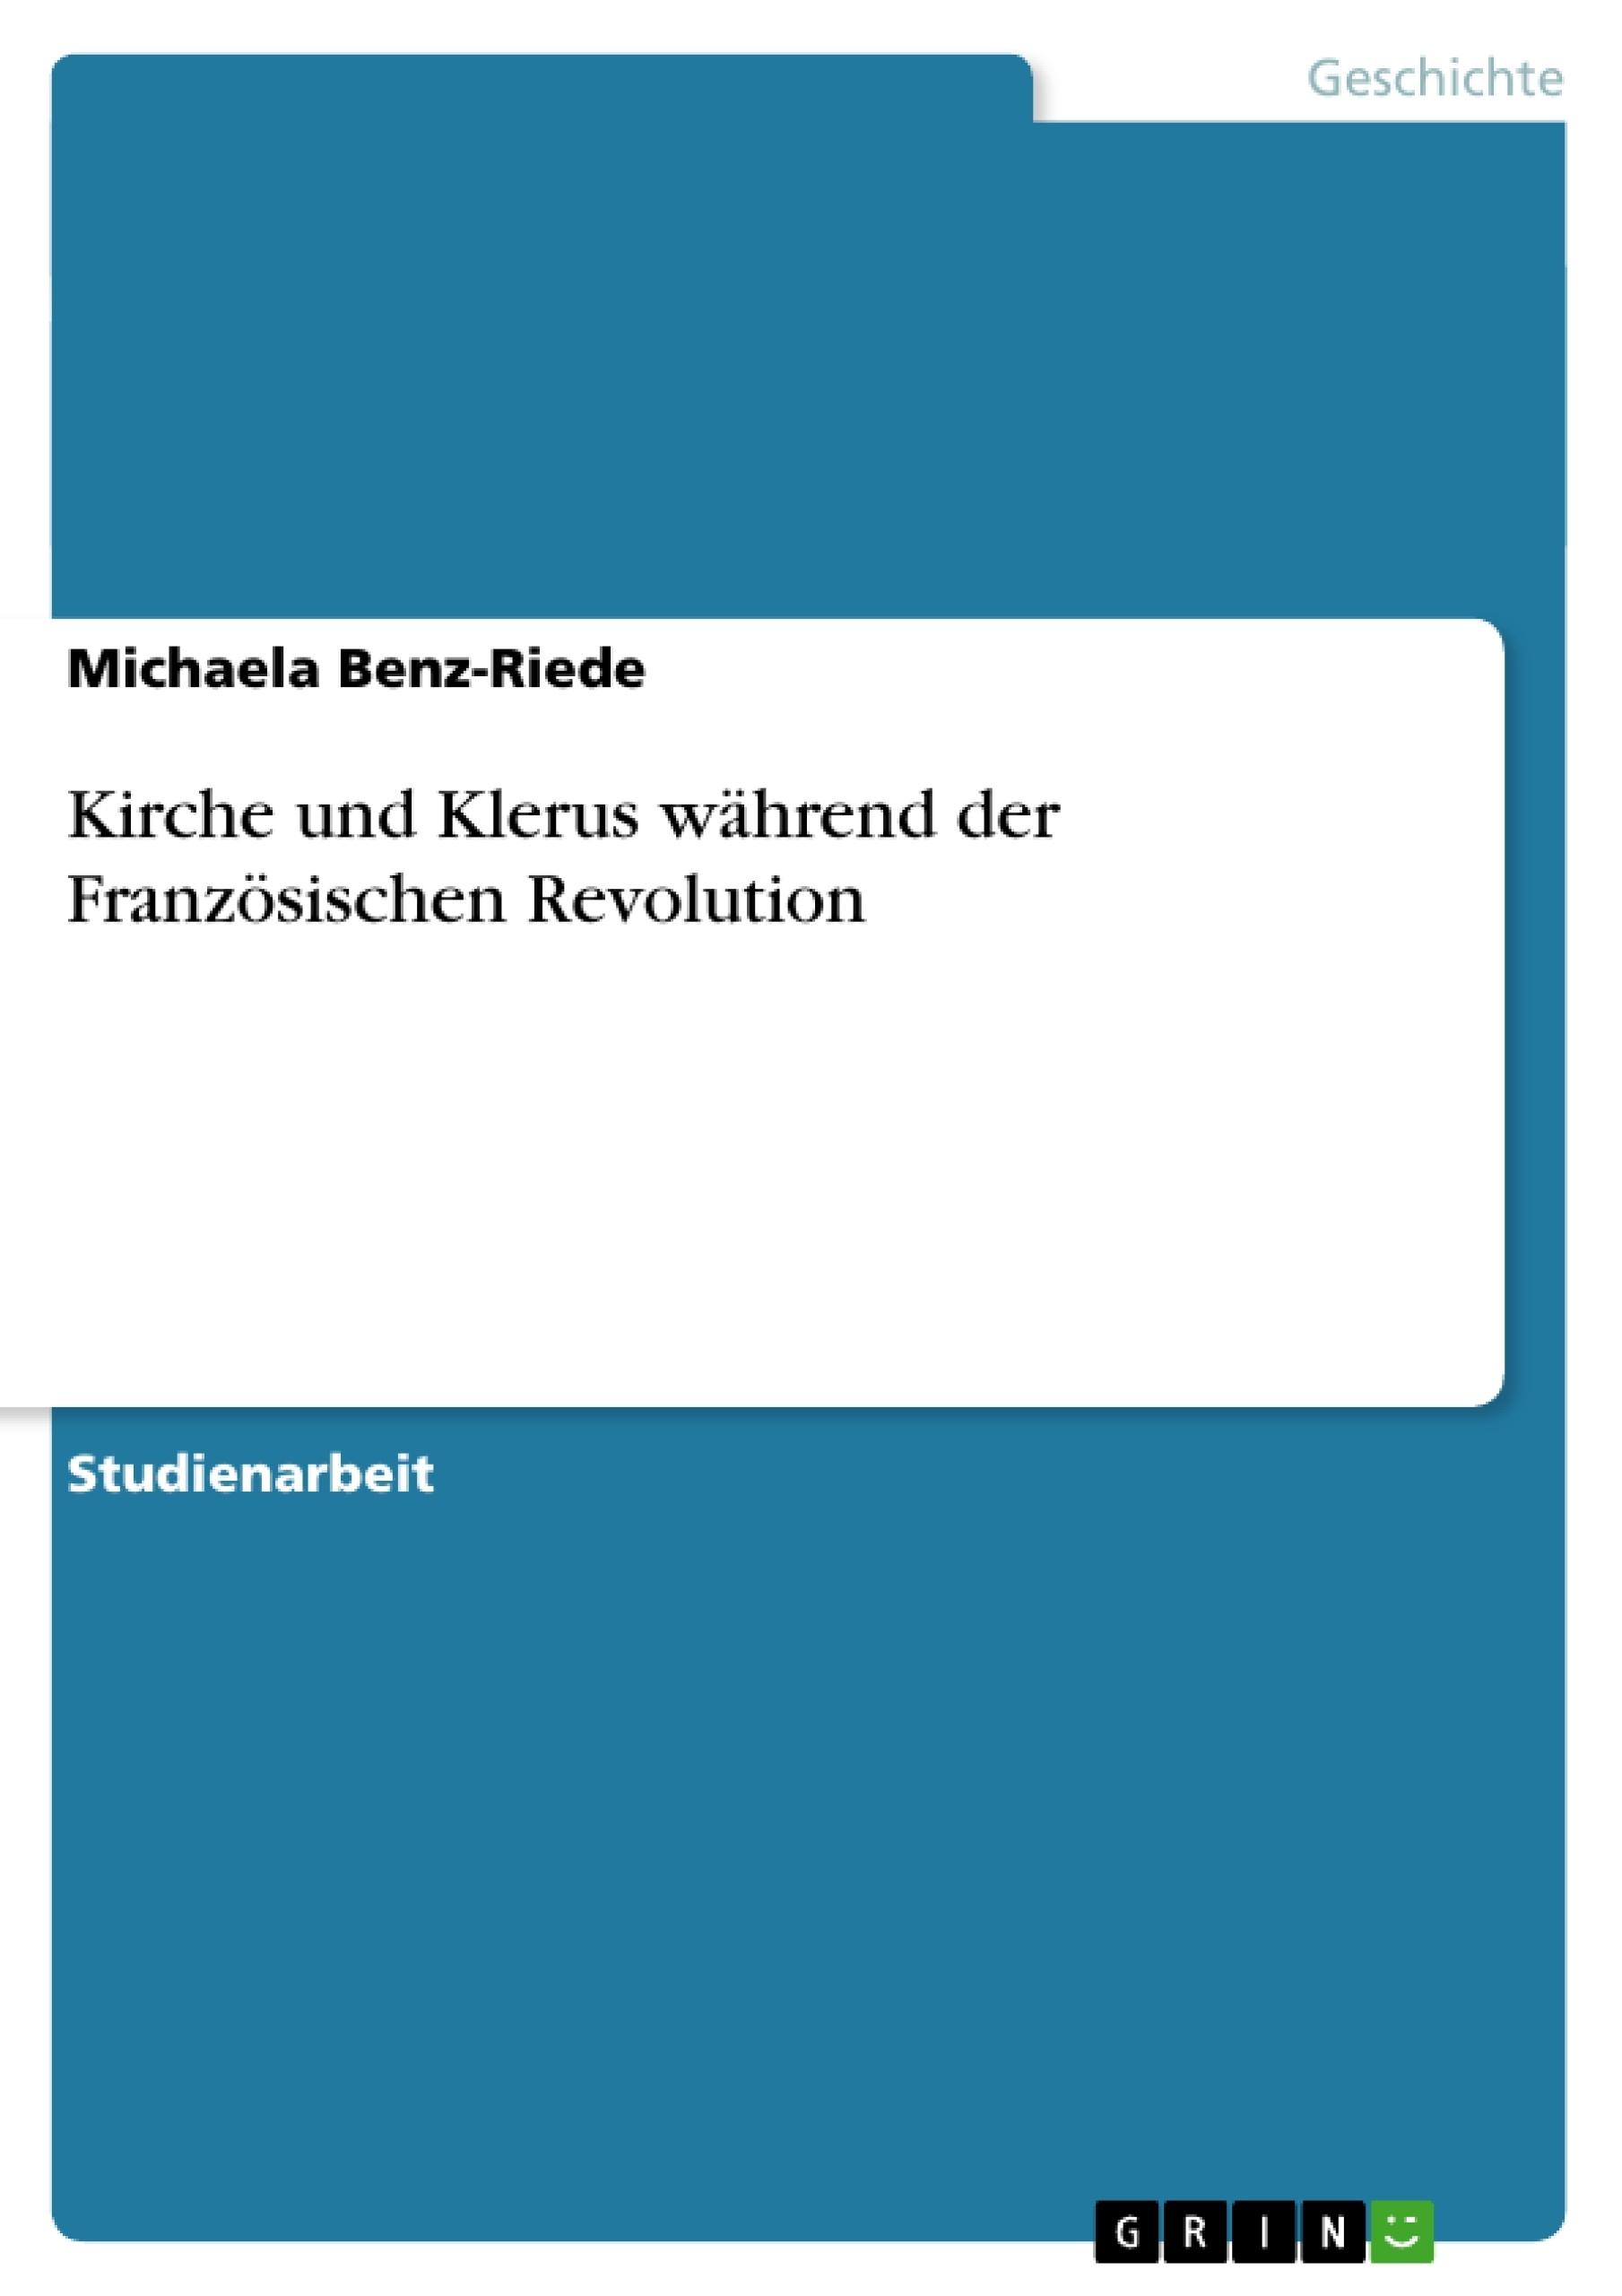 Titel: Kirche und Klerus während der Französischen Revolution